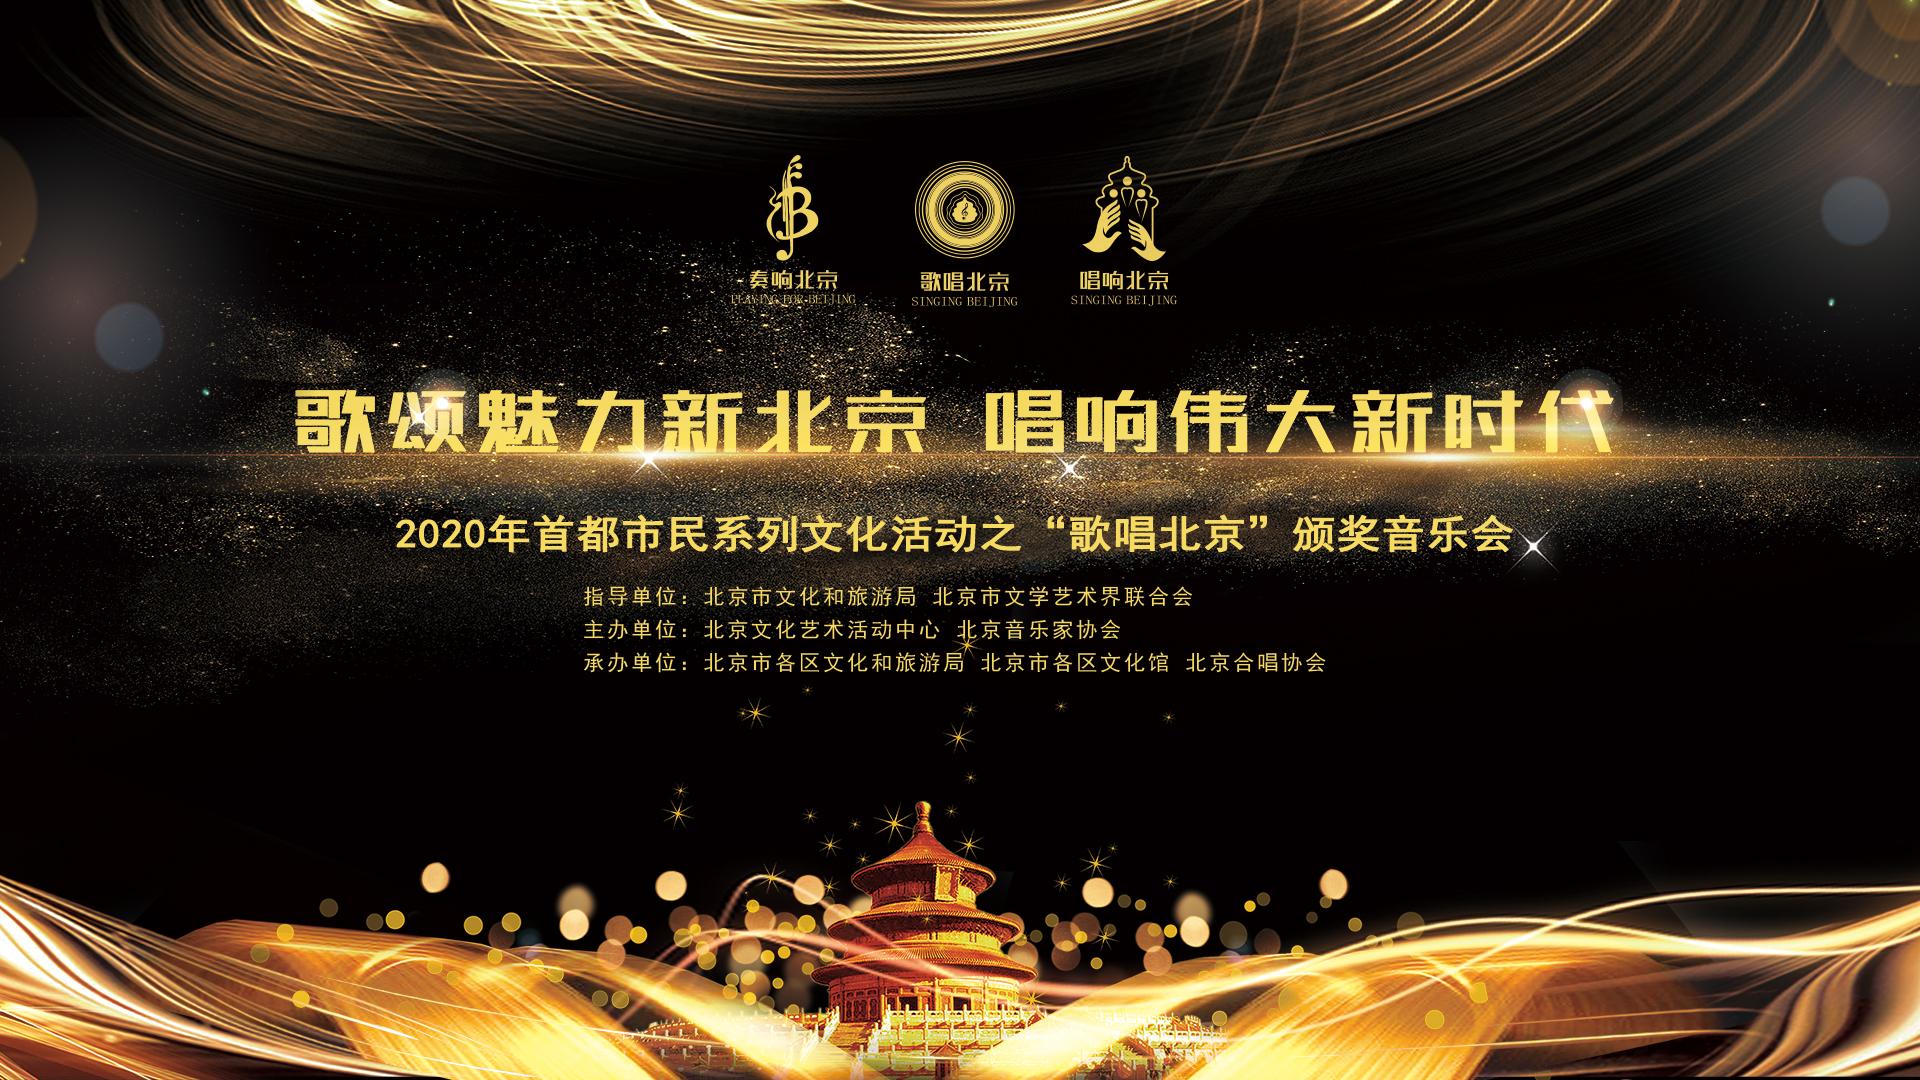 """""""歌颂魅力新北京 唱响伟大新时代""""2020年首都市民系列文化活動之""""歌唱北京""""颁奖音乐会"""